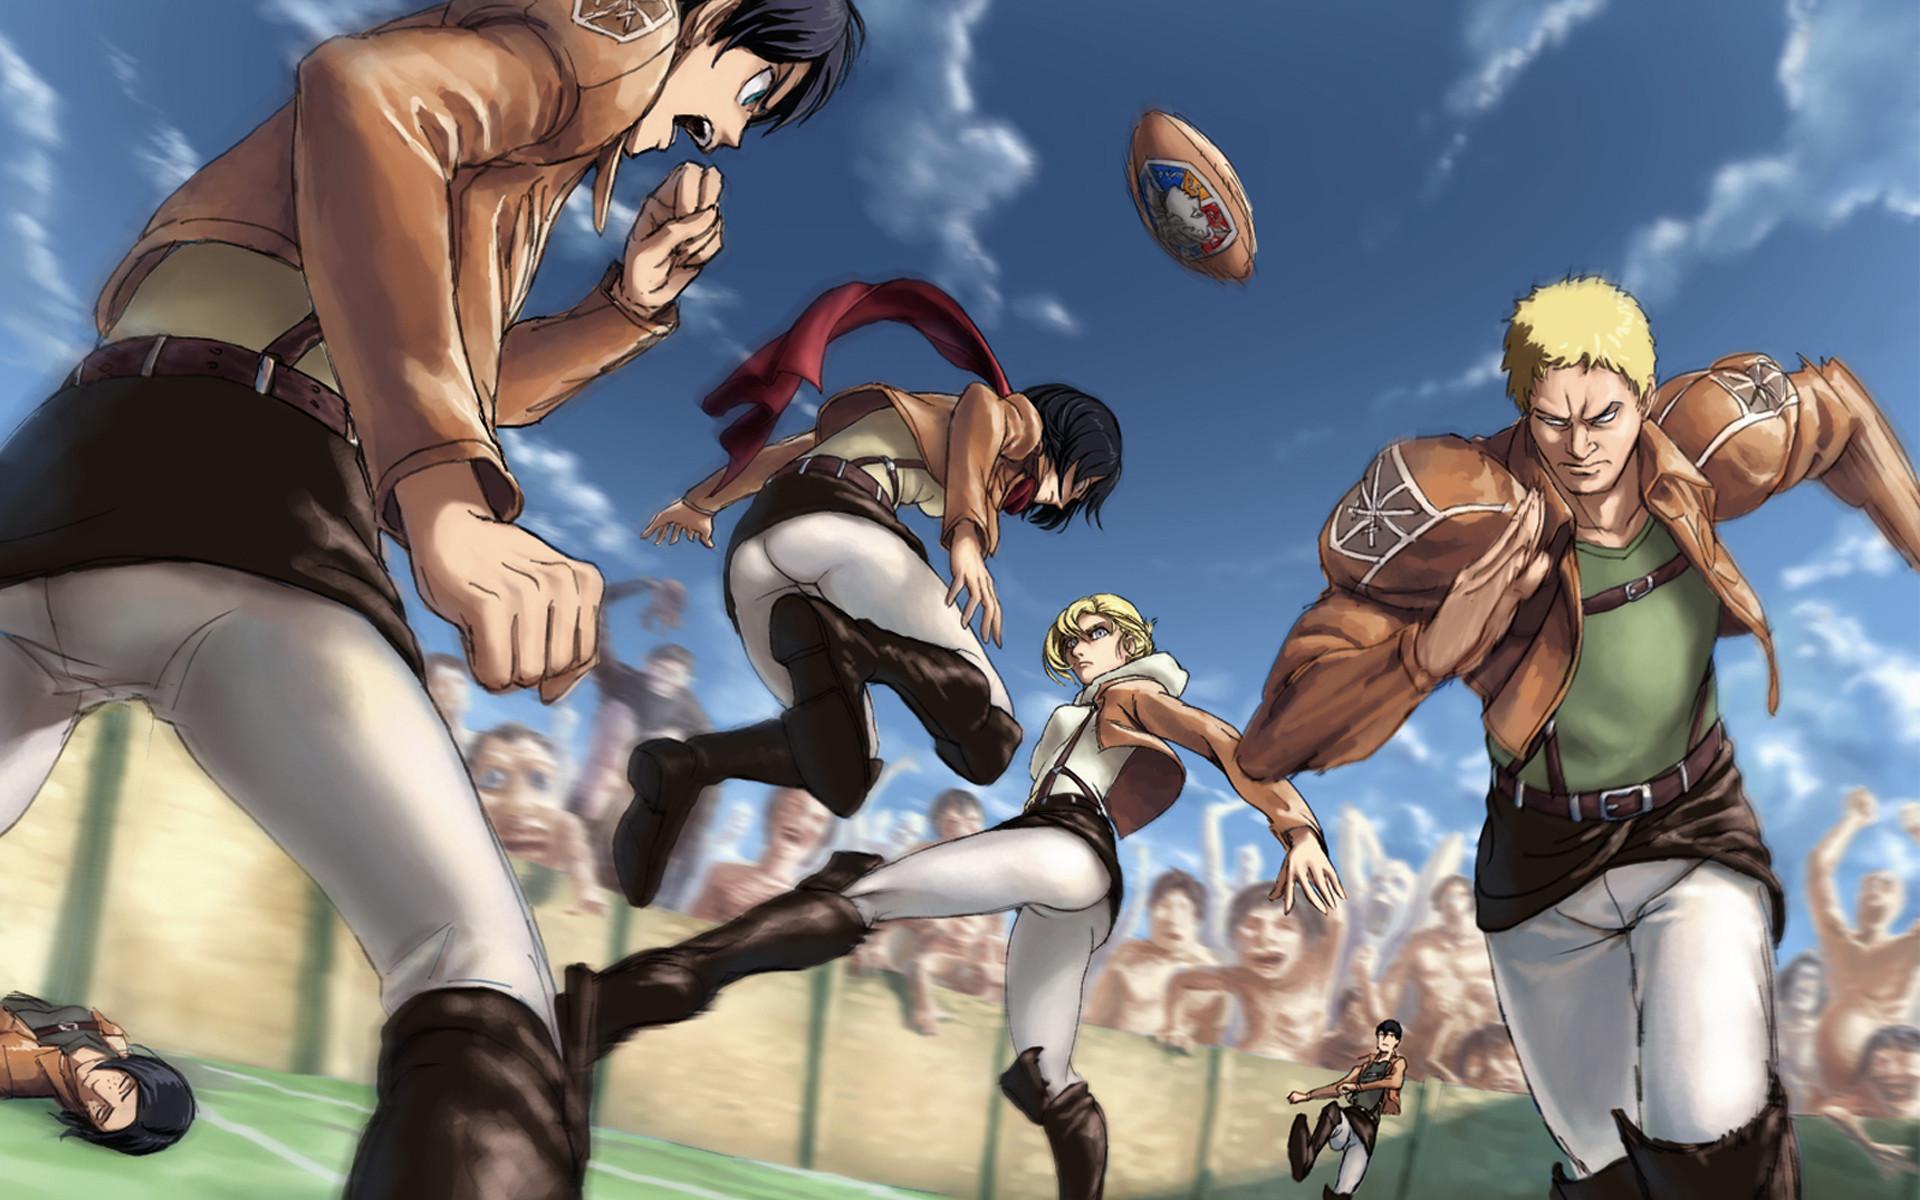 attack on titan / shingeki no kyojin anime hd wallpaper , image